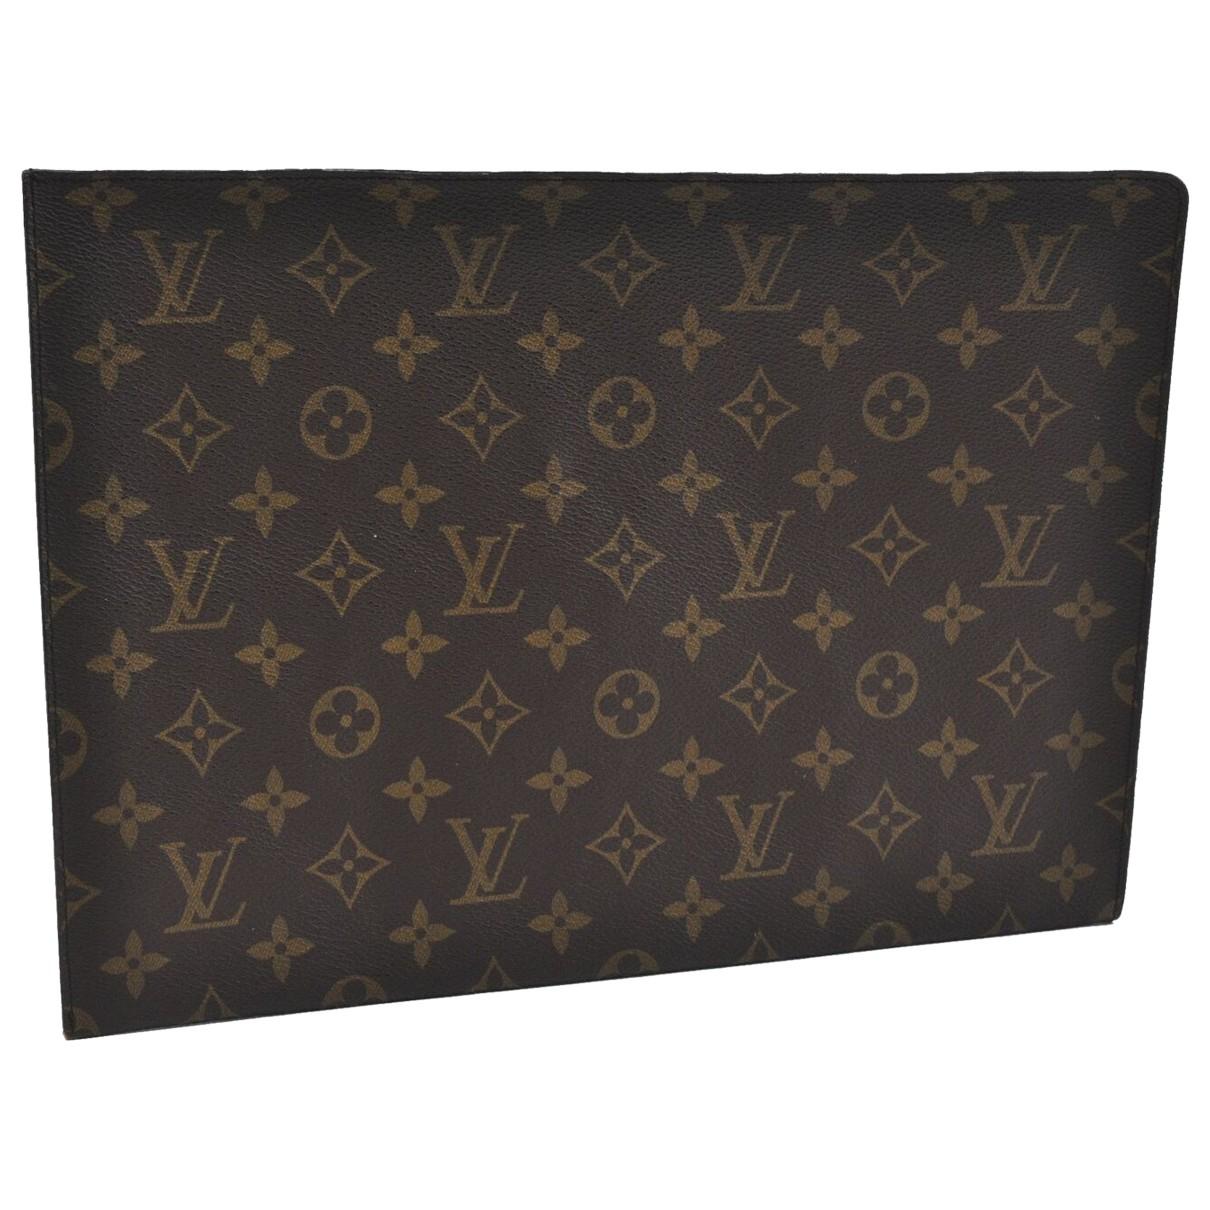 Louis Vuitton - Linge de maison   pour lifestyle en toile - marron